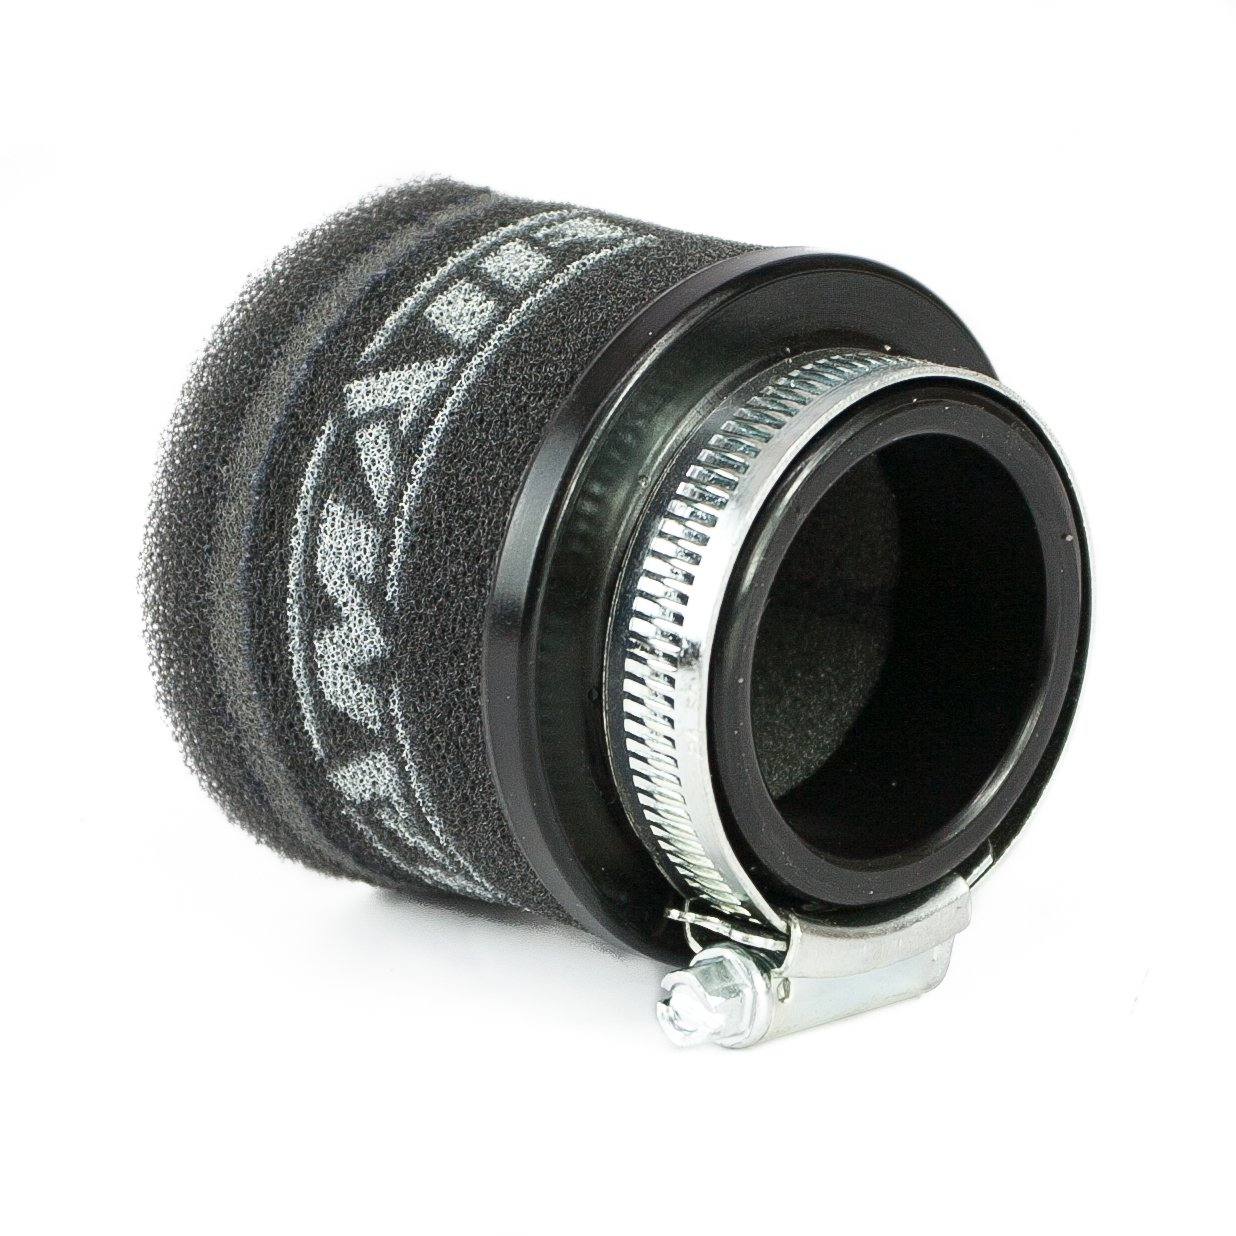 Ramair filtri MR moto Pod 003-Filtro aria nero 40 mm